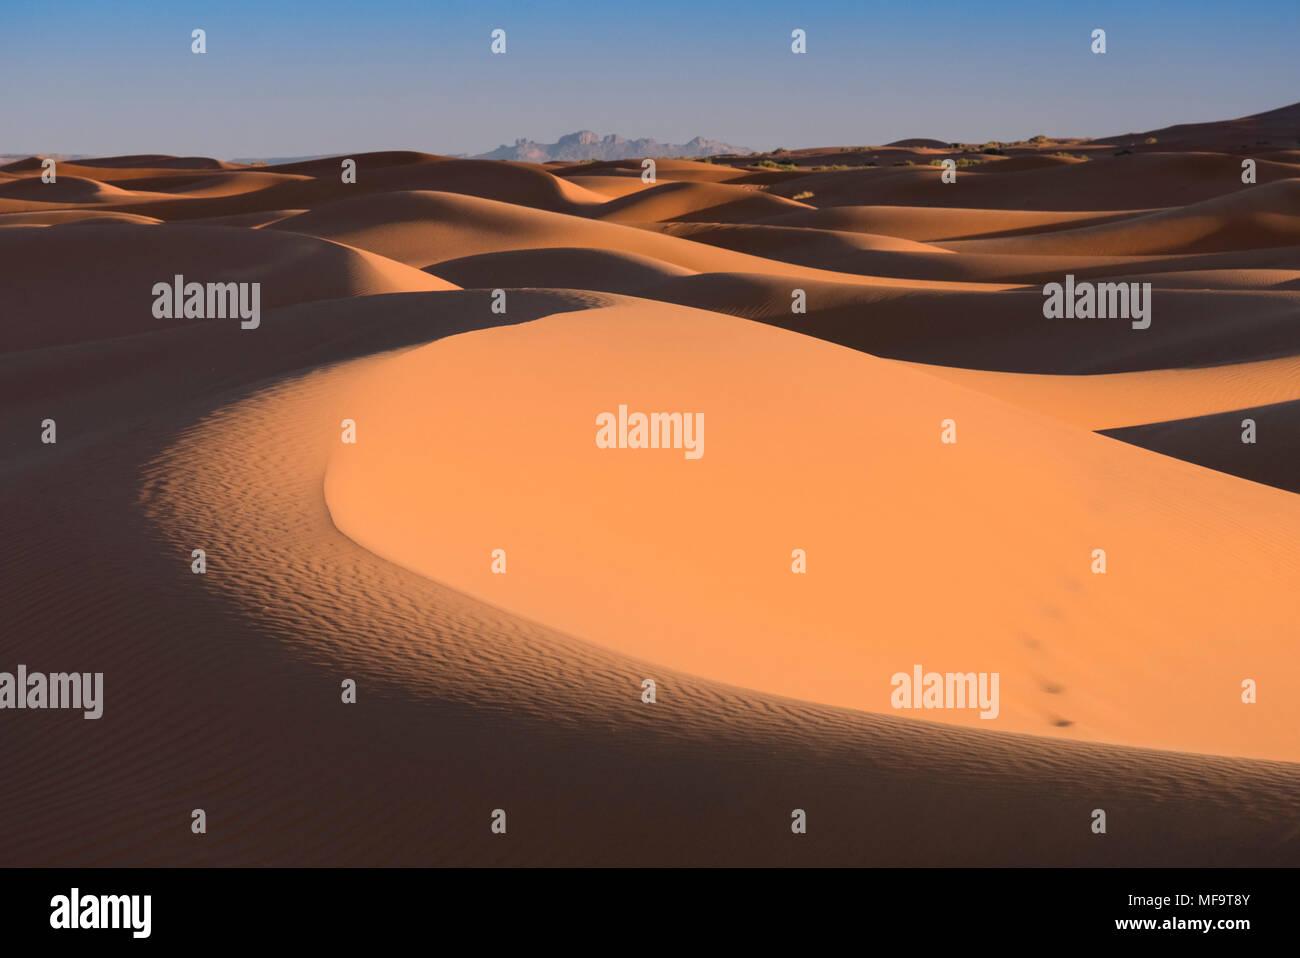 Mar de arena, dunas de Erg Chebbi : Desierto, el Sáhara Occidental, Marruecos Imagen De Stock